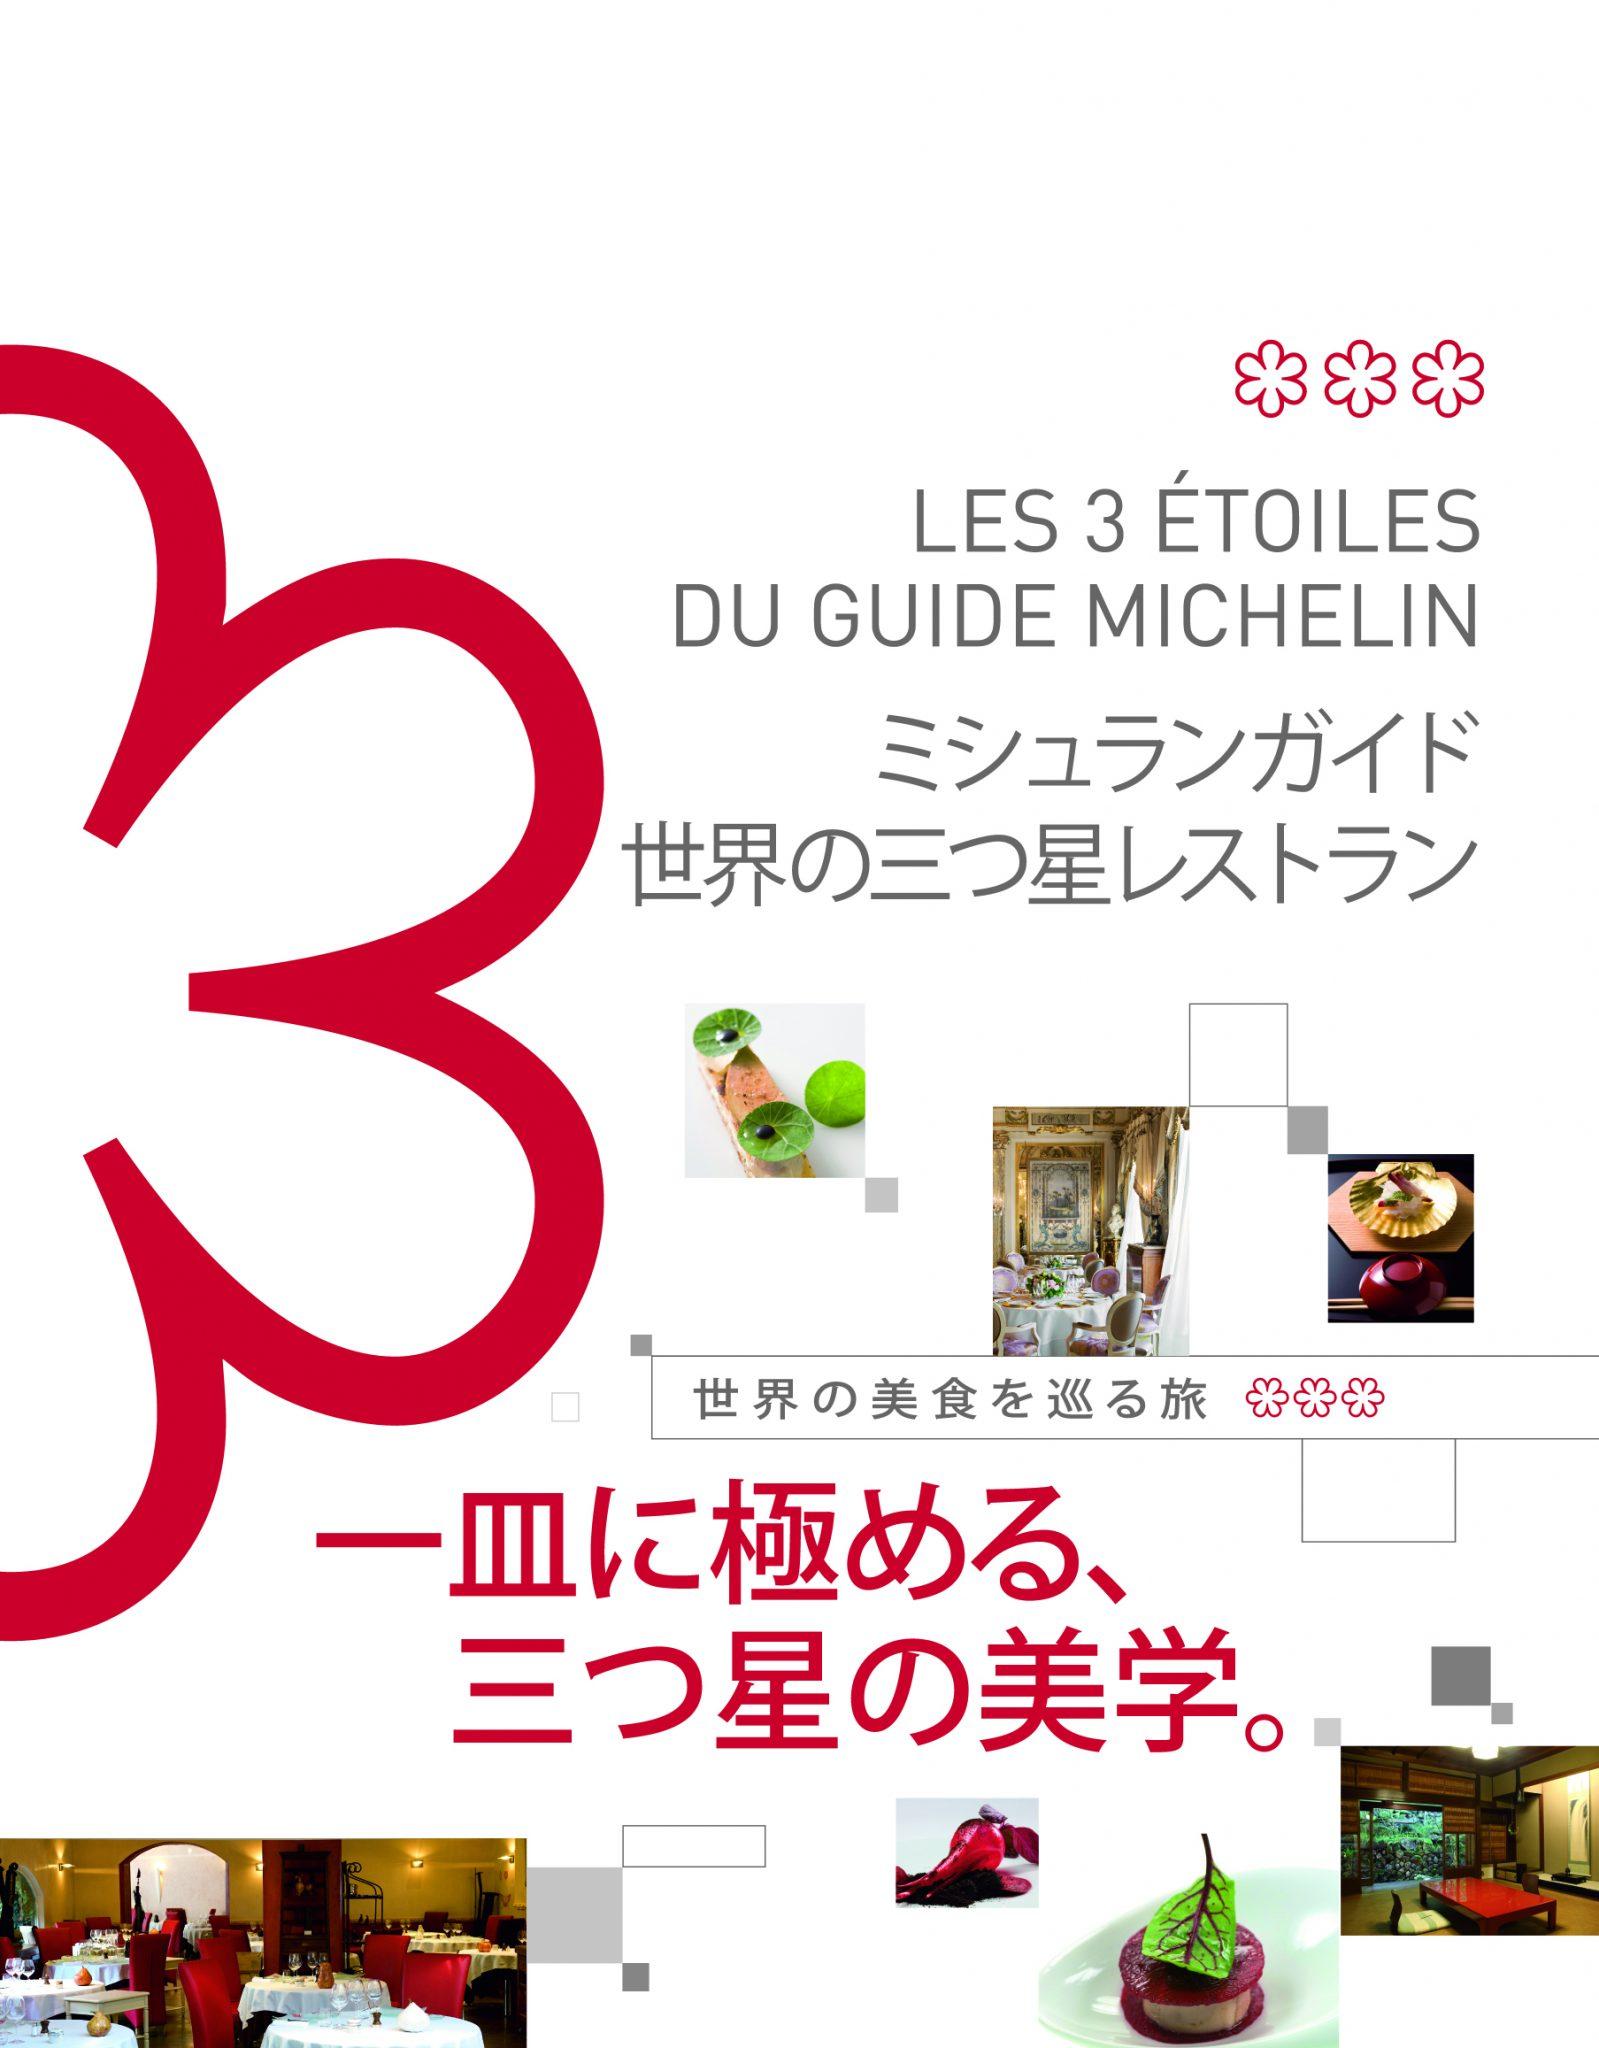 世界の三つ星レストラン (2010年12月)